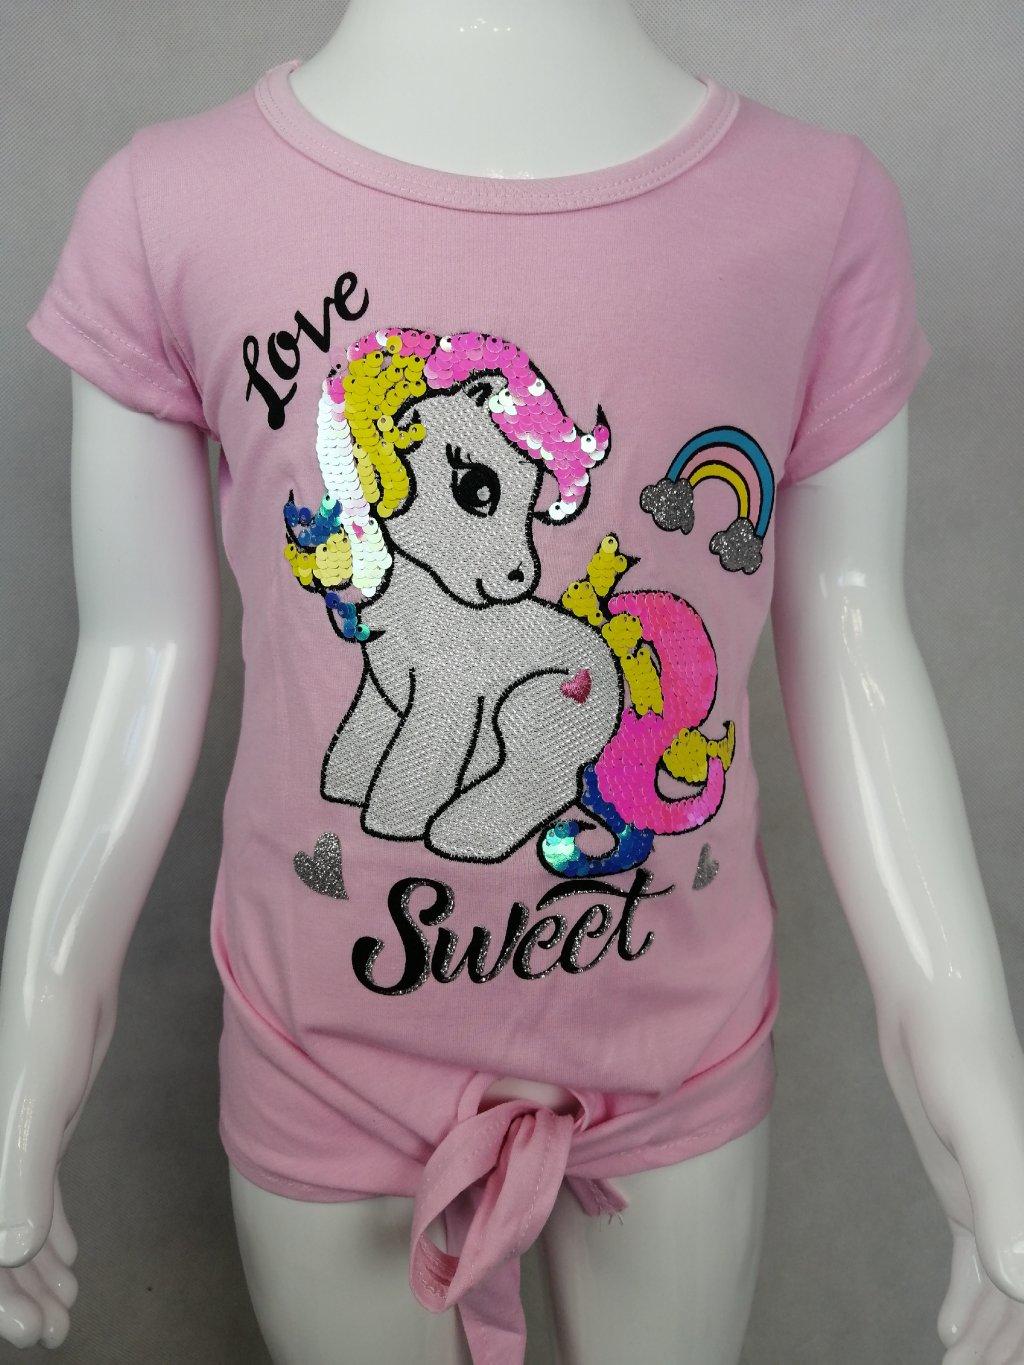 Dívčí tričko G 52637 s motivem koníka